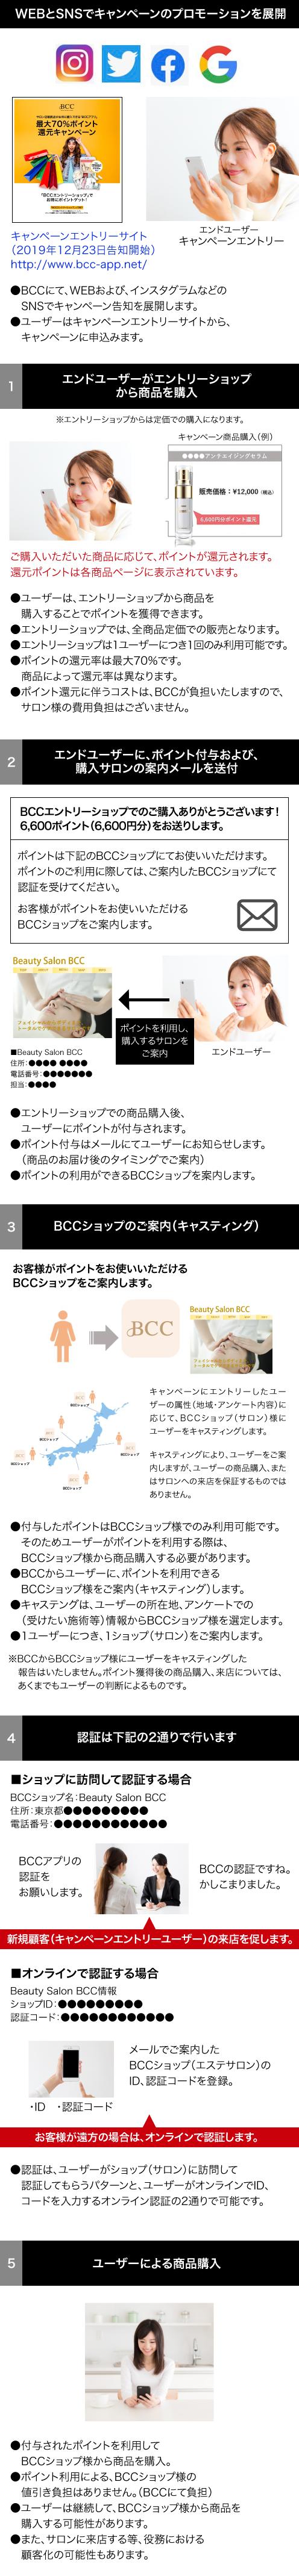 BCCキャンペーン-サロン向け.png